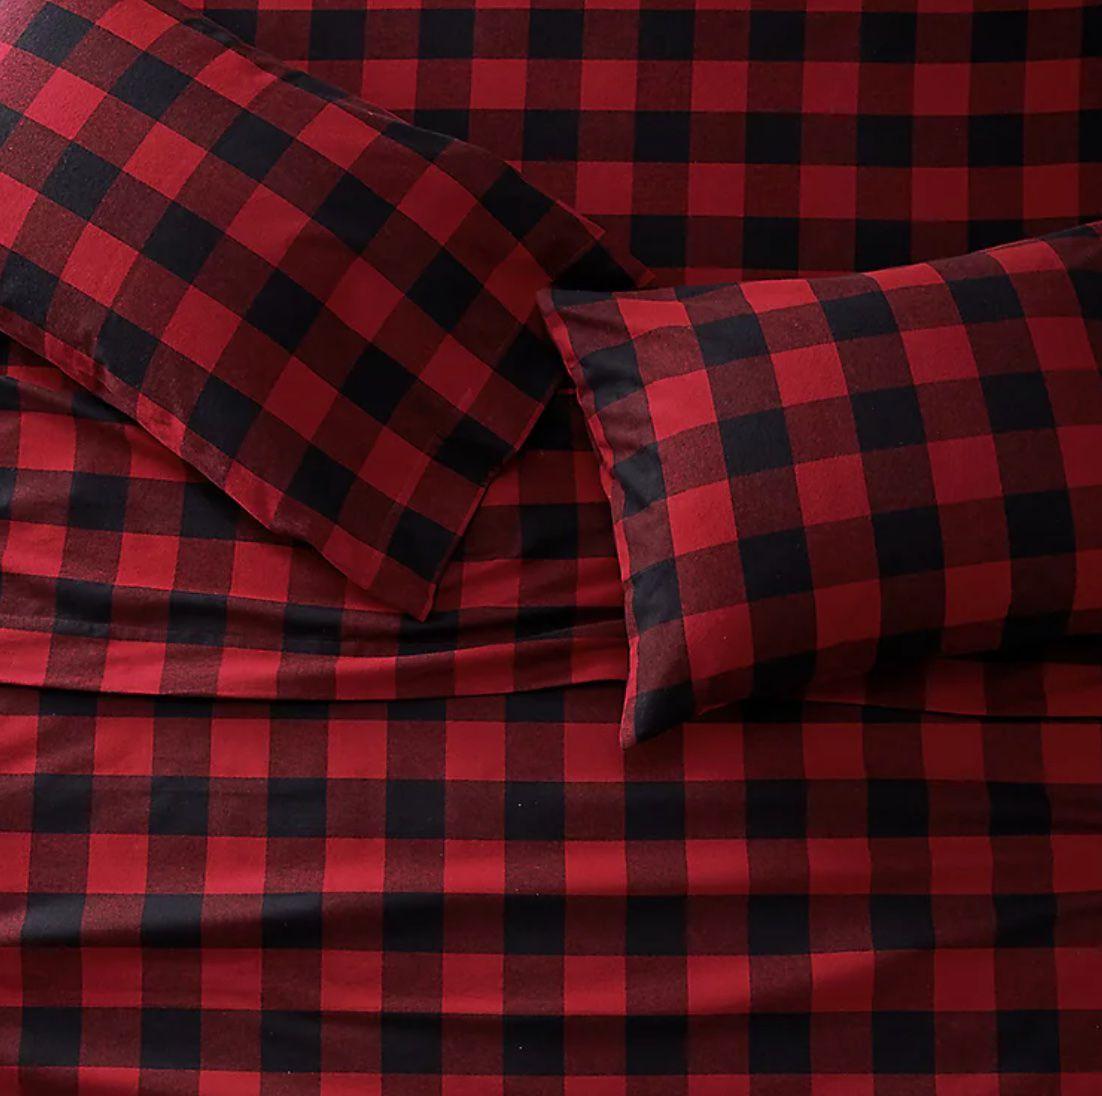 Eddie Bauer flannel sheets set